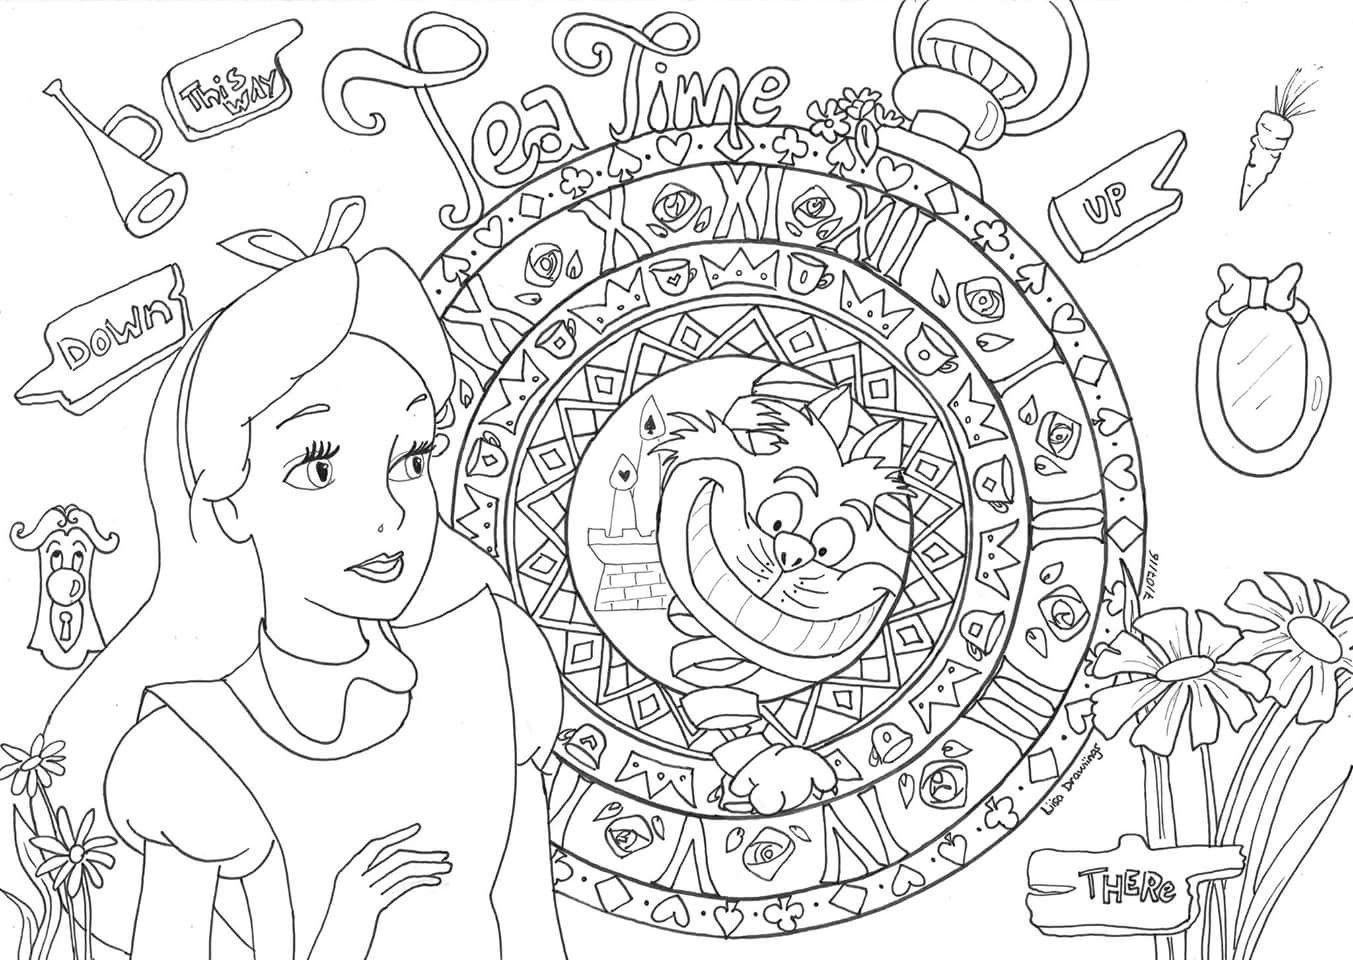 18+] Coloriage Adulte Disney A Imprimer